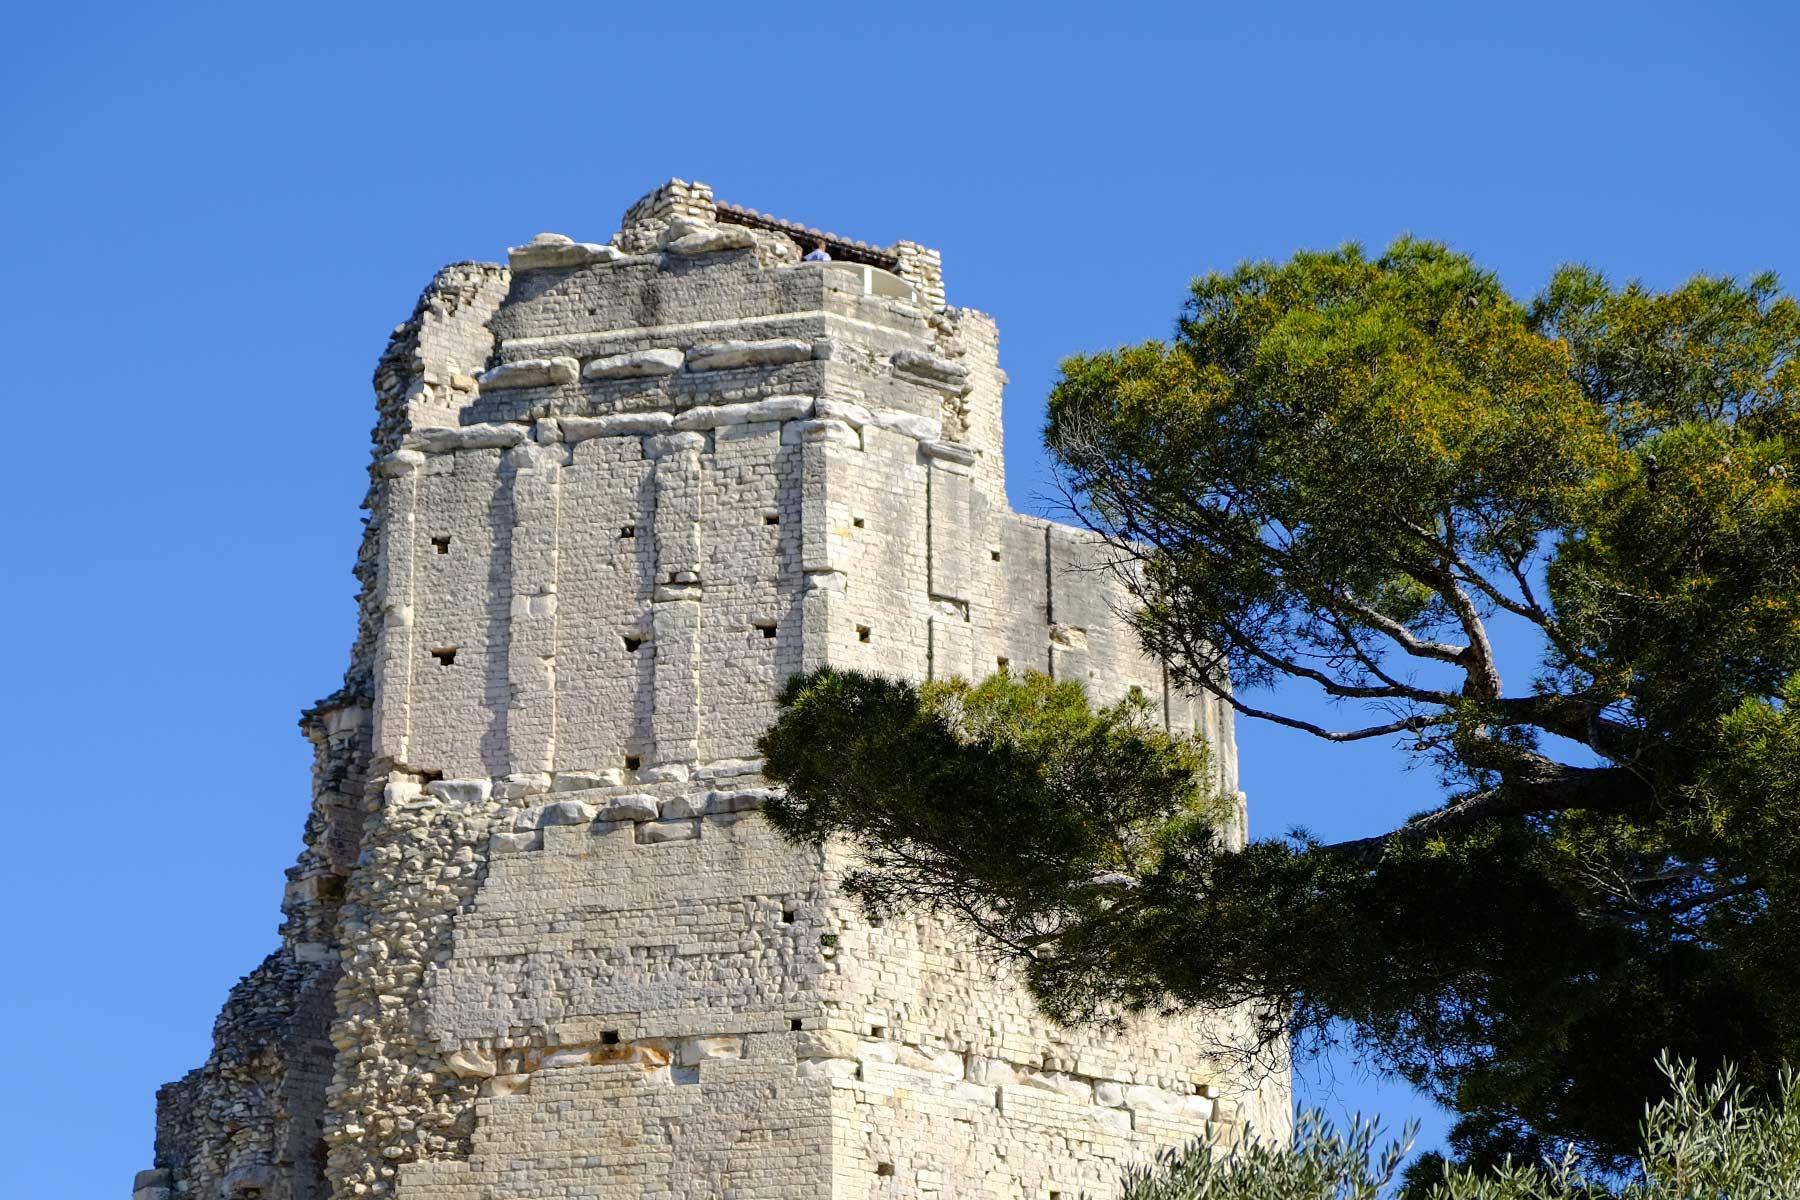 La Tour Magne im Jardin de la Fontaine in Nîmes, Frankreich